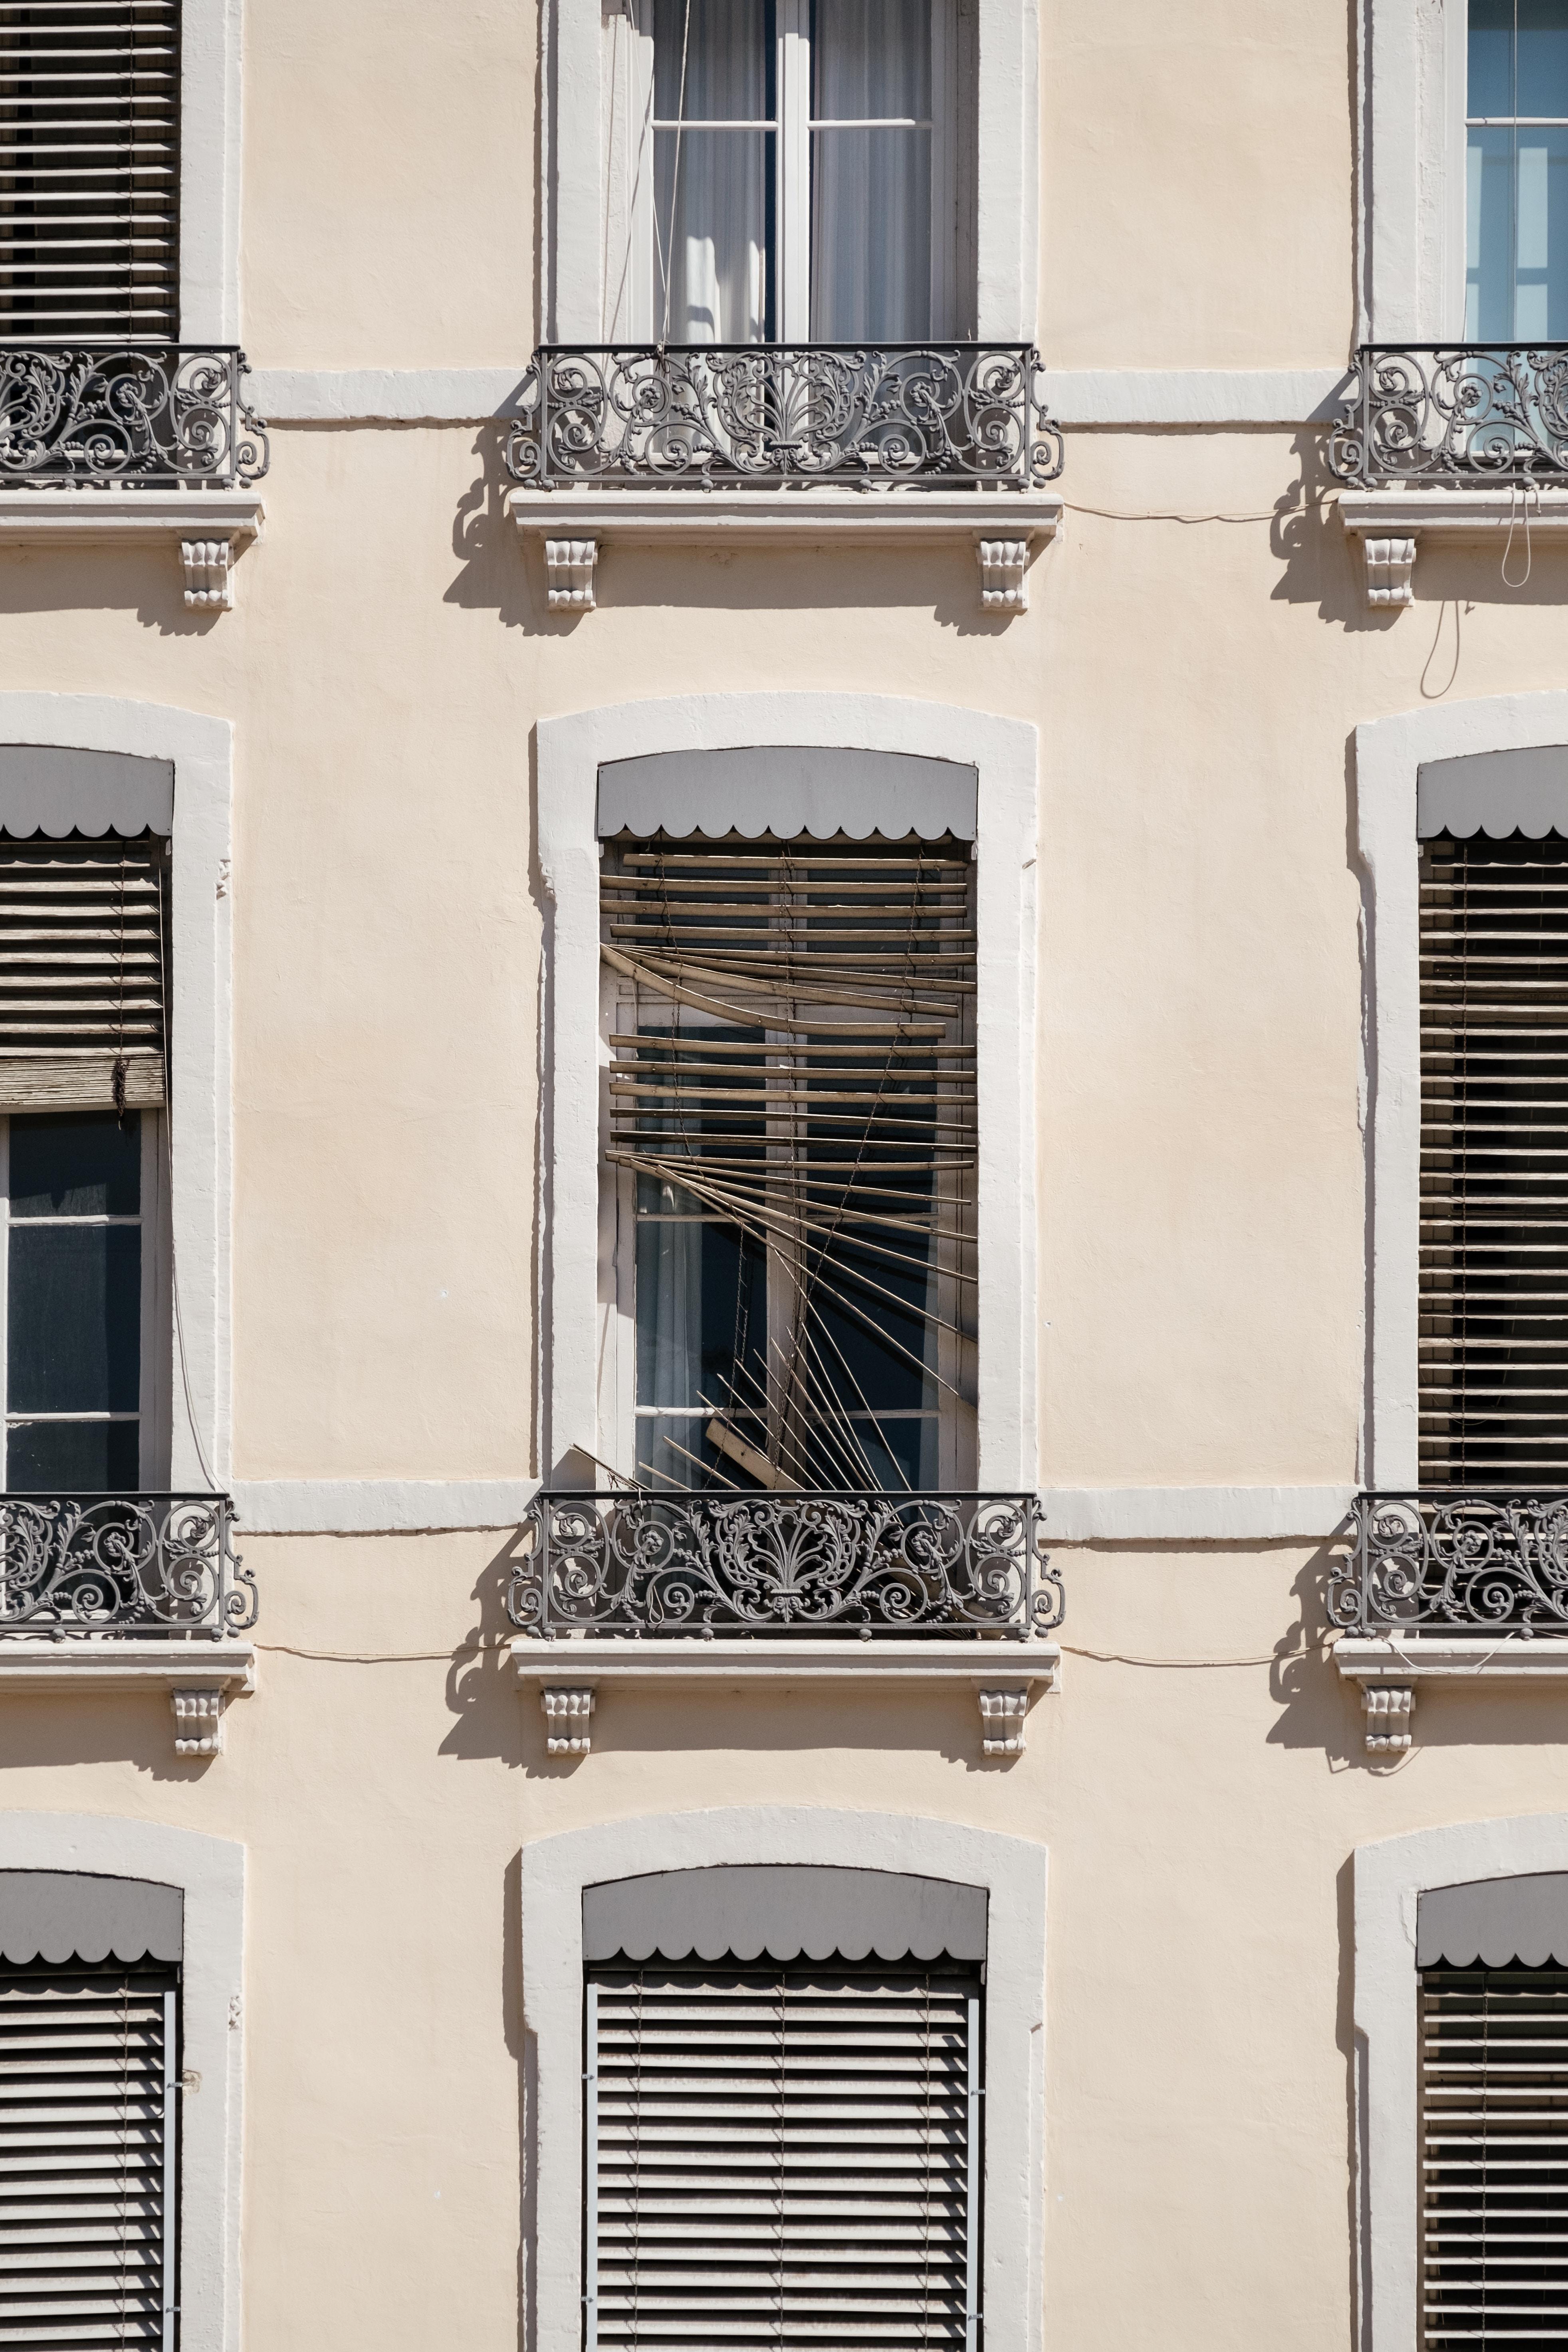 windows of tenement